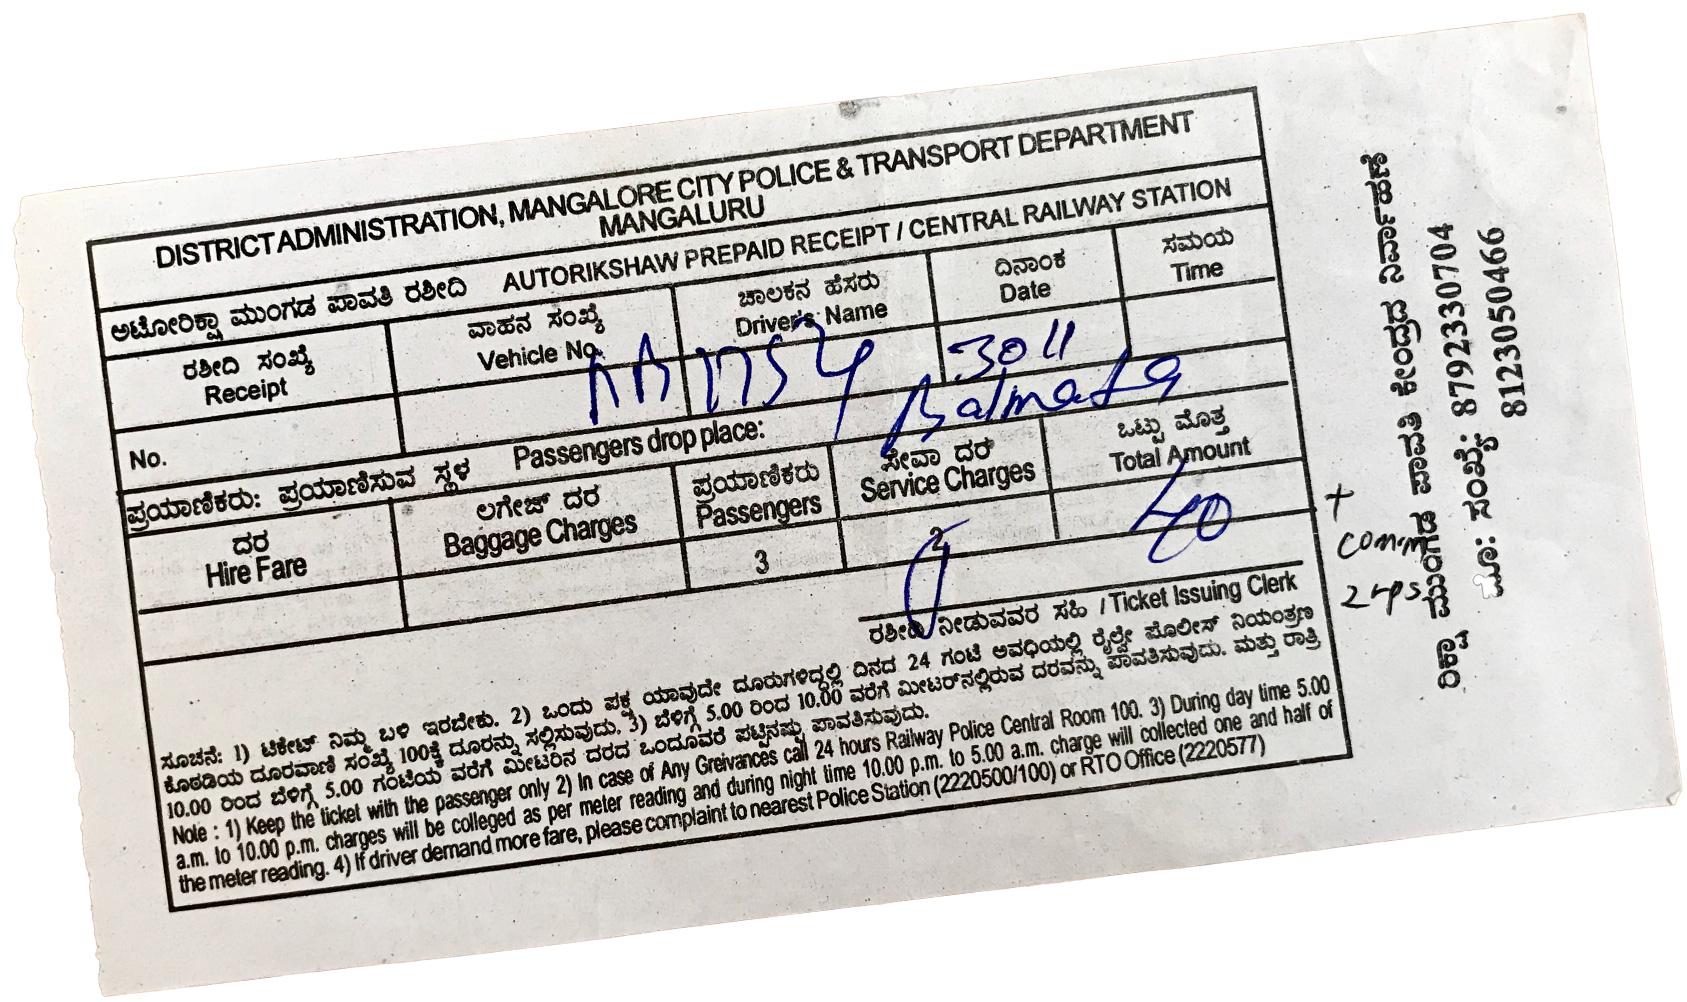 マンガロール駅プリペイドオートリキシャのチケット